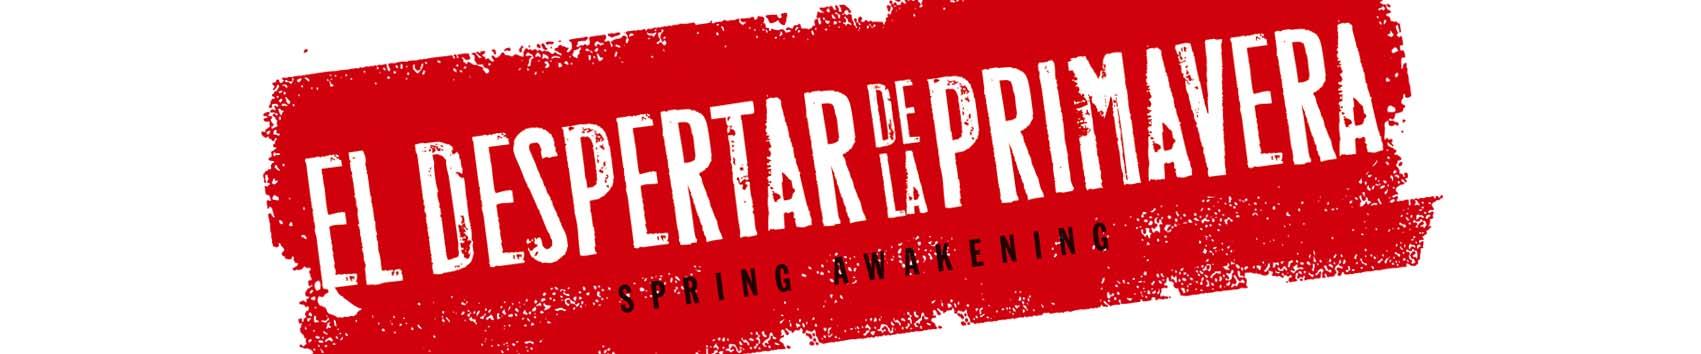 El despertar de la primavera_Teatre Gaudi